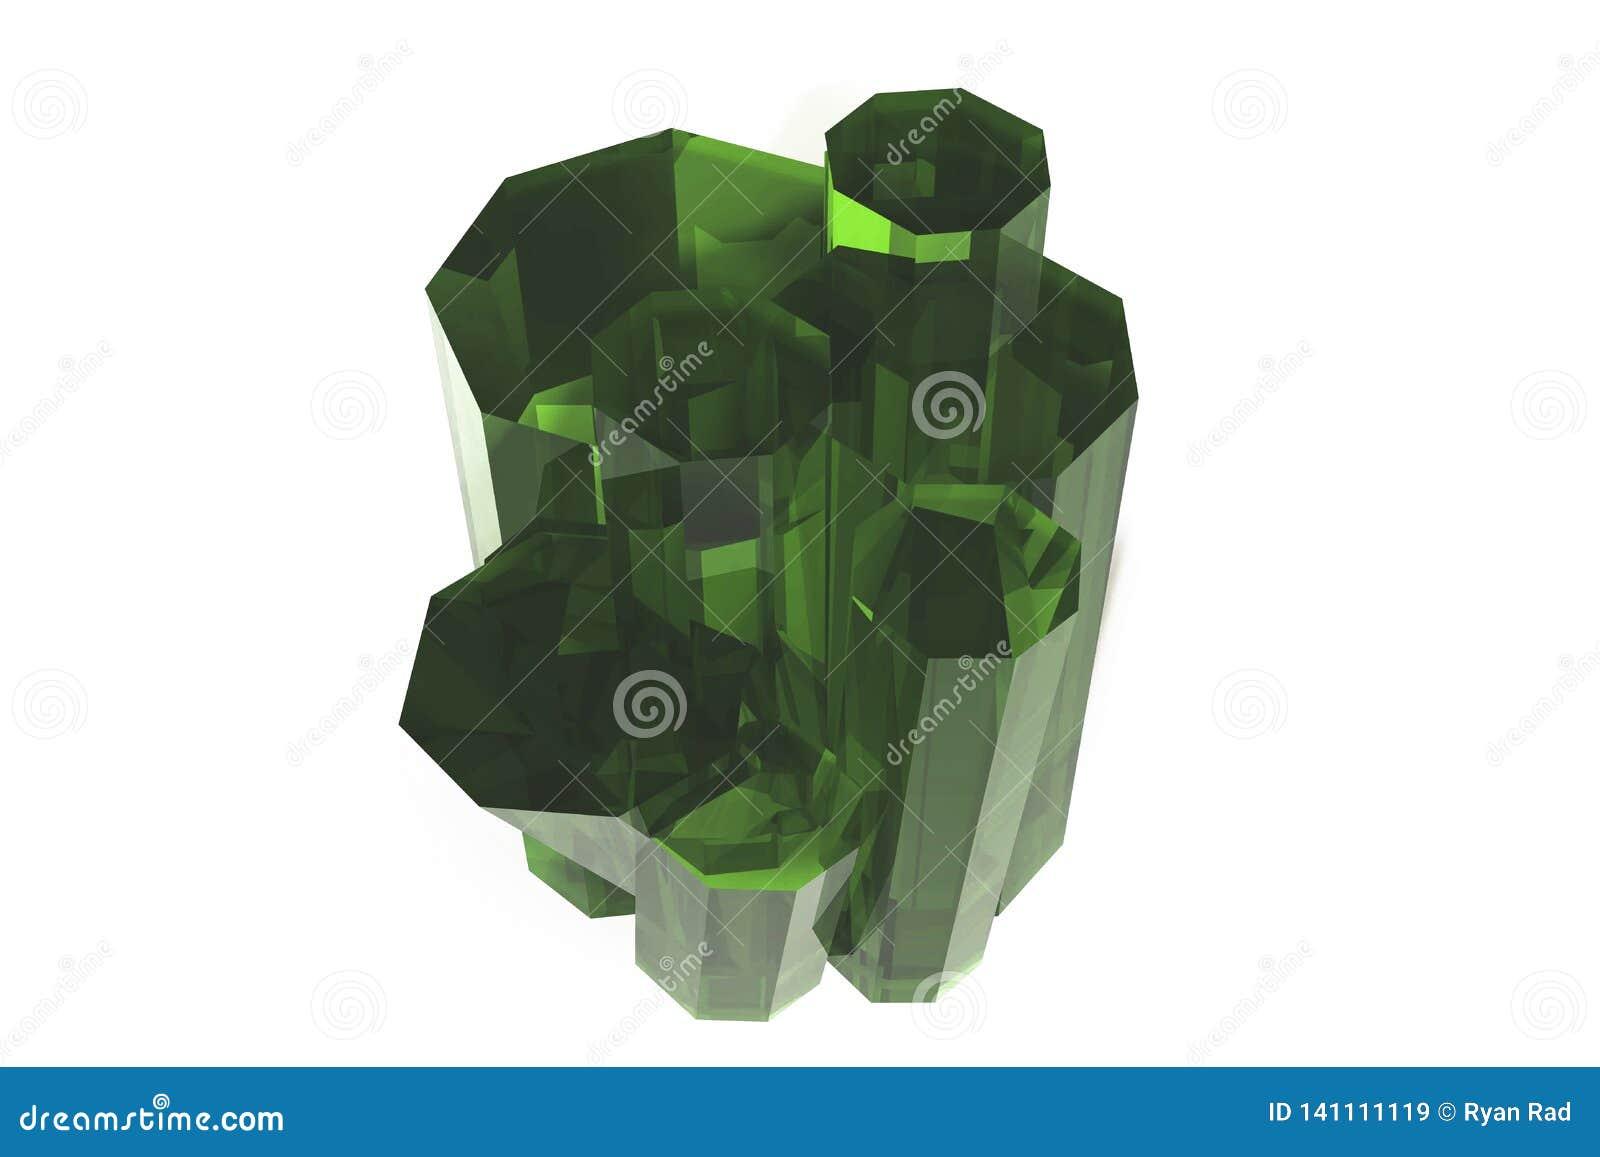 Kryształ barwiona zielona szmaragdowa kwarc na białym tle